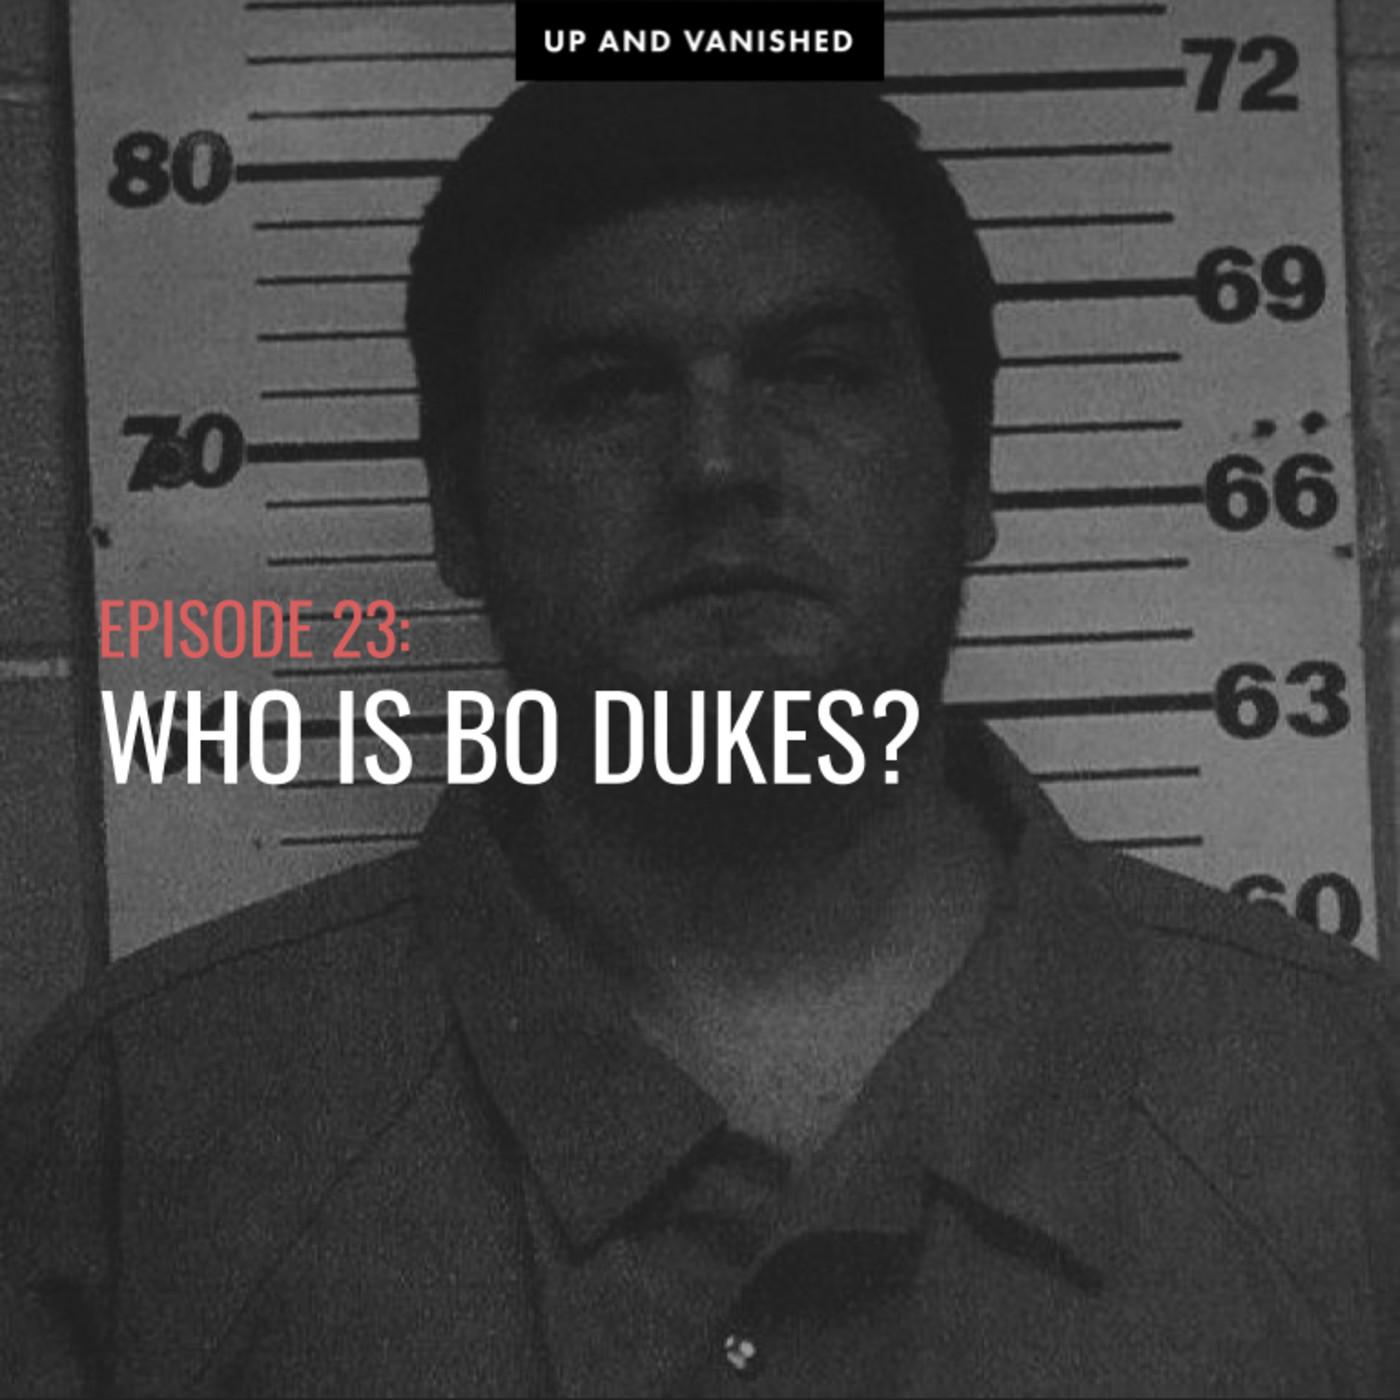 S1E23: Who is Bo Dukes?